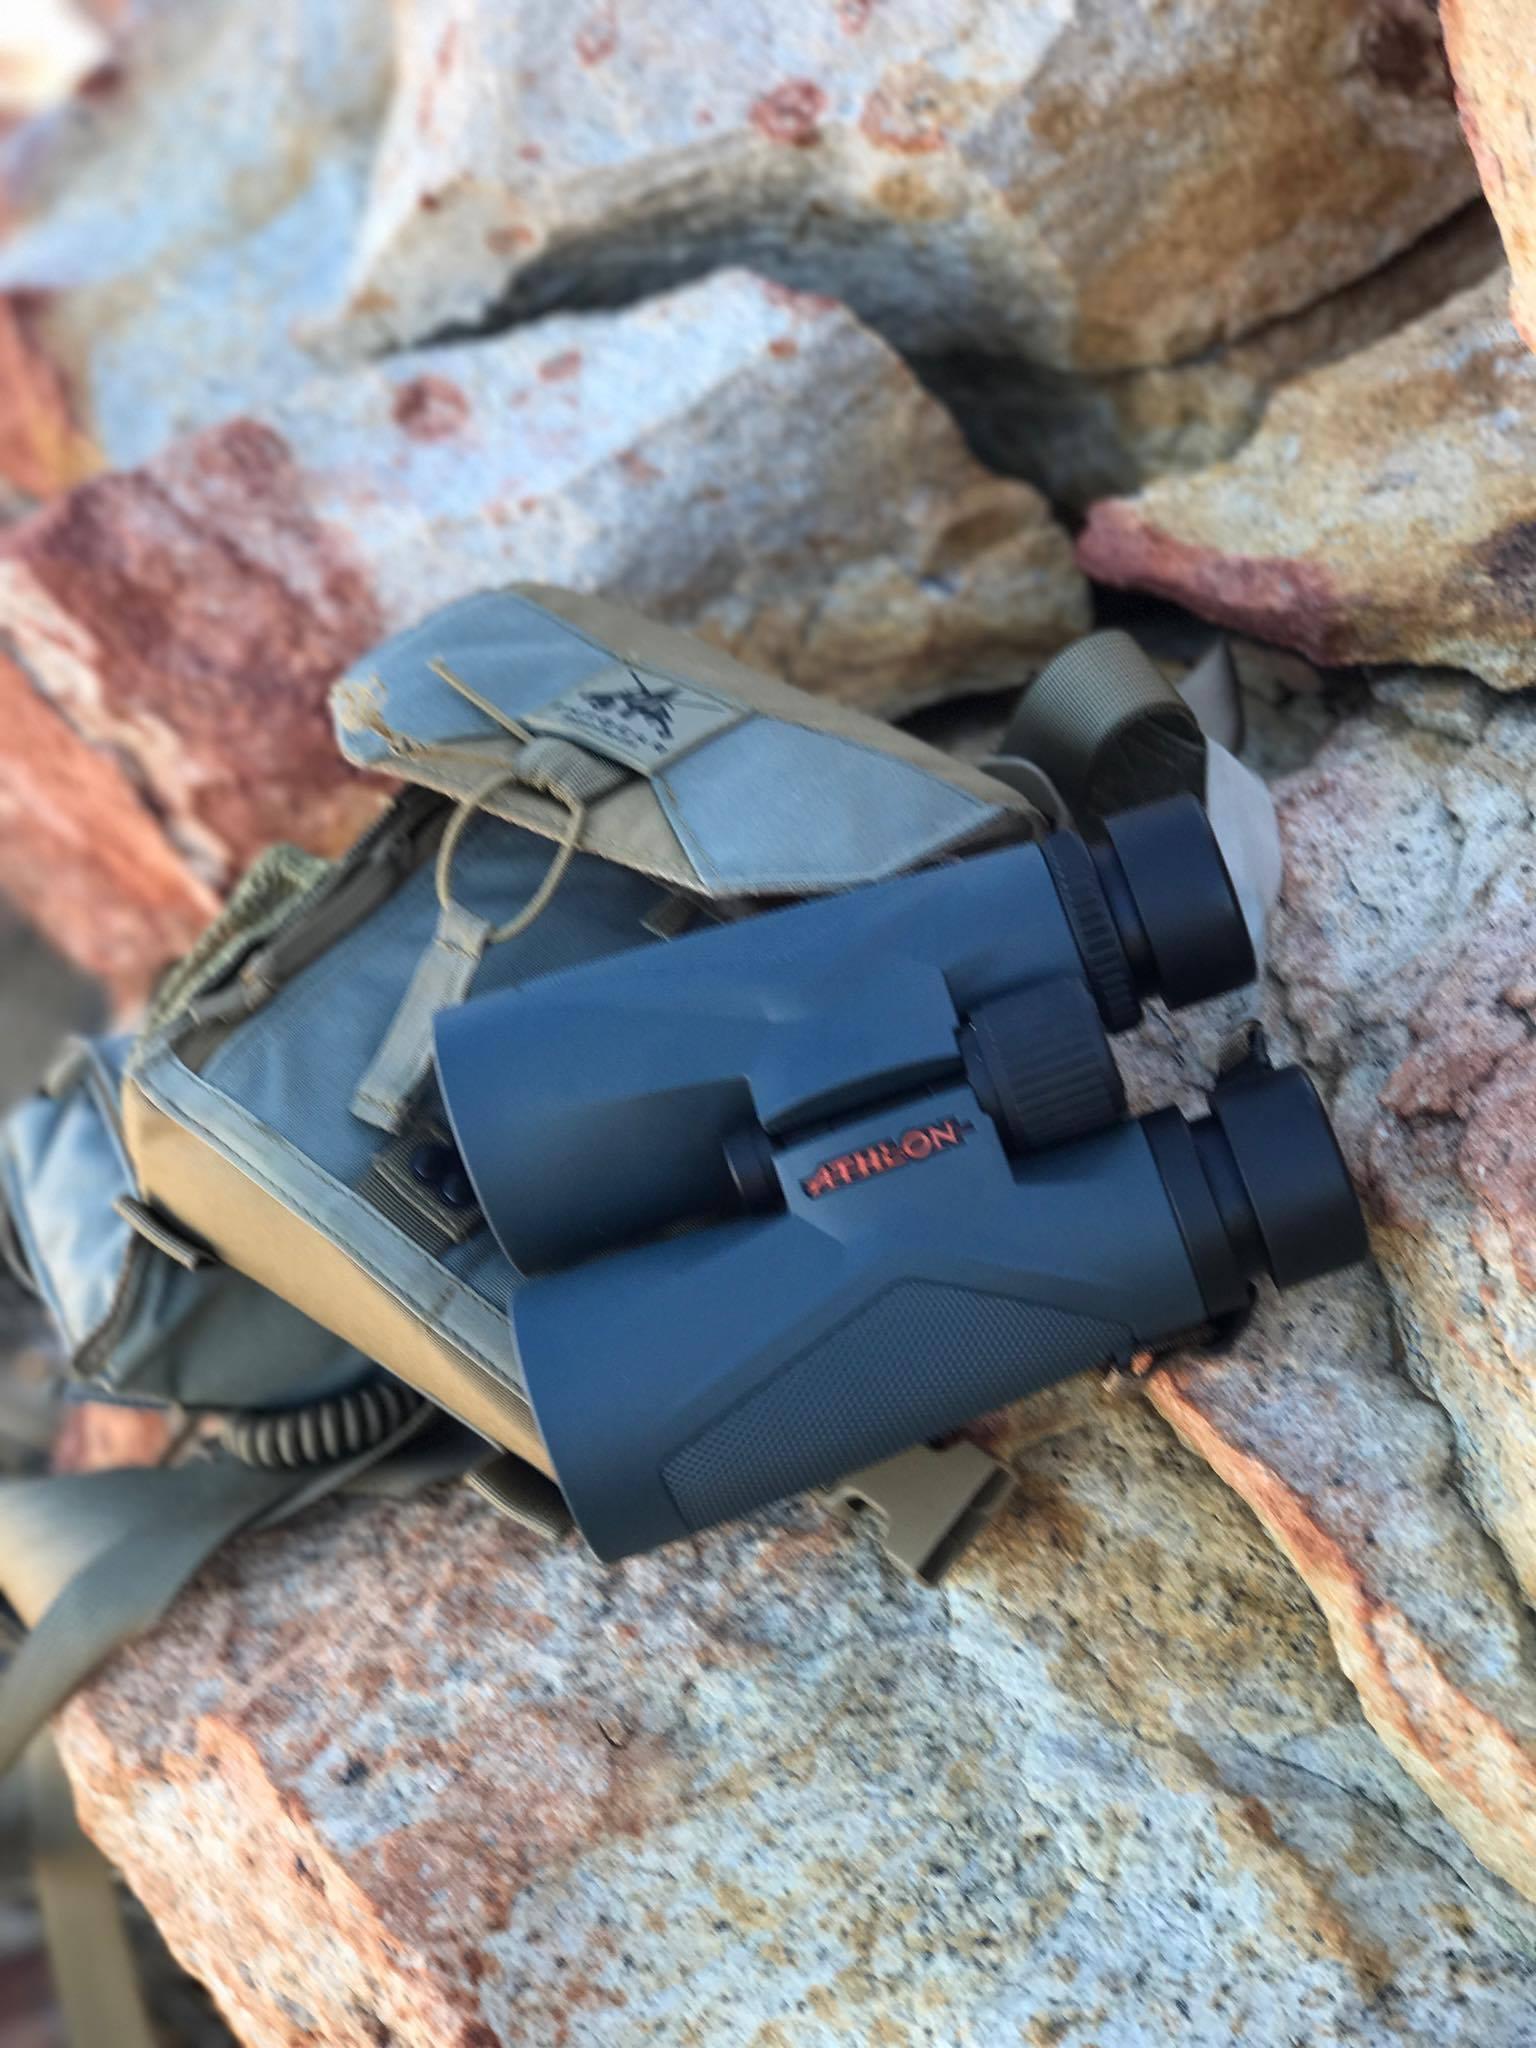 Athlon Midas Binocular